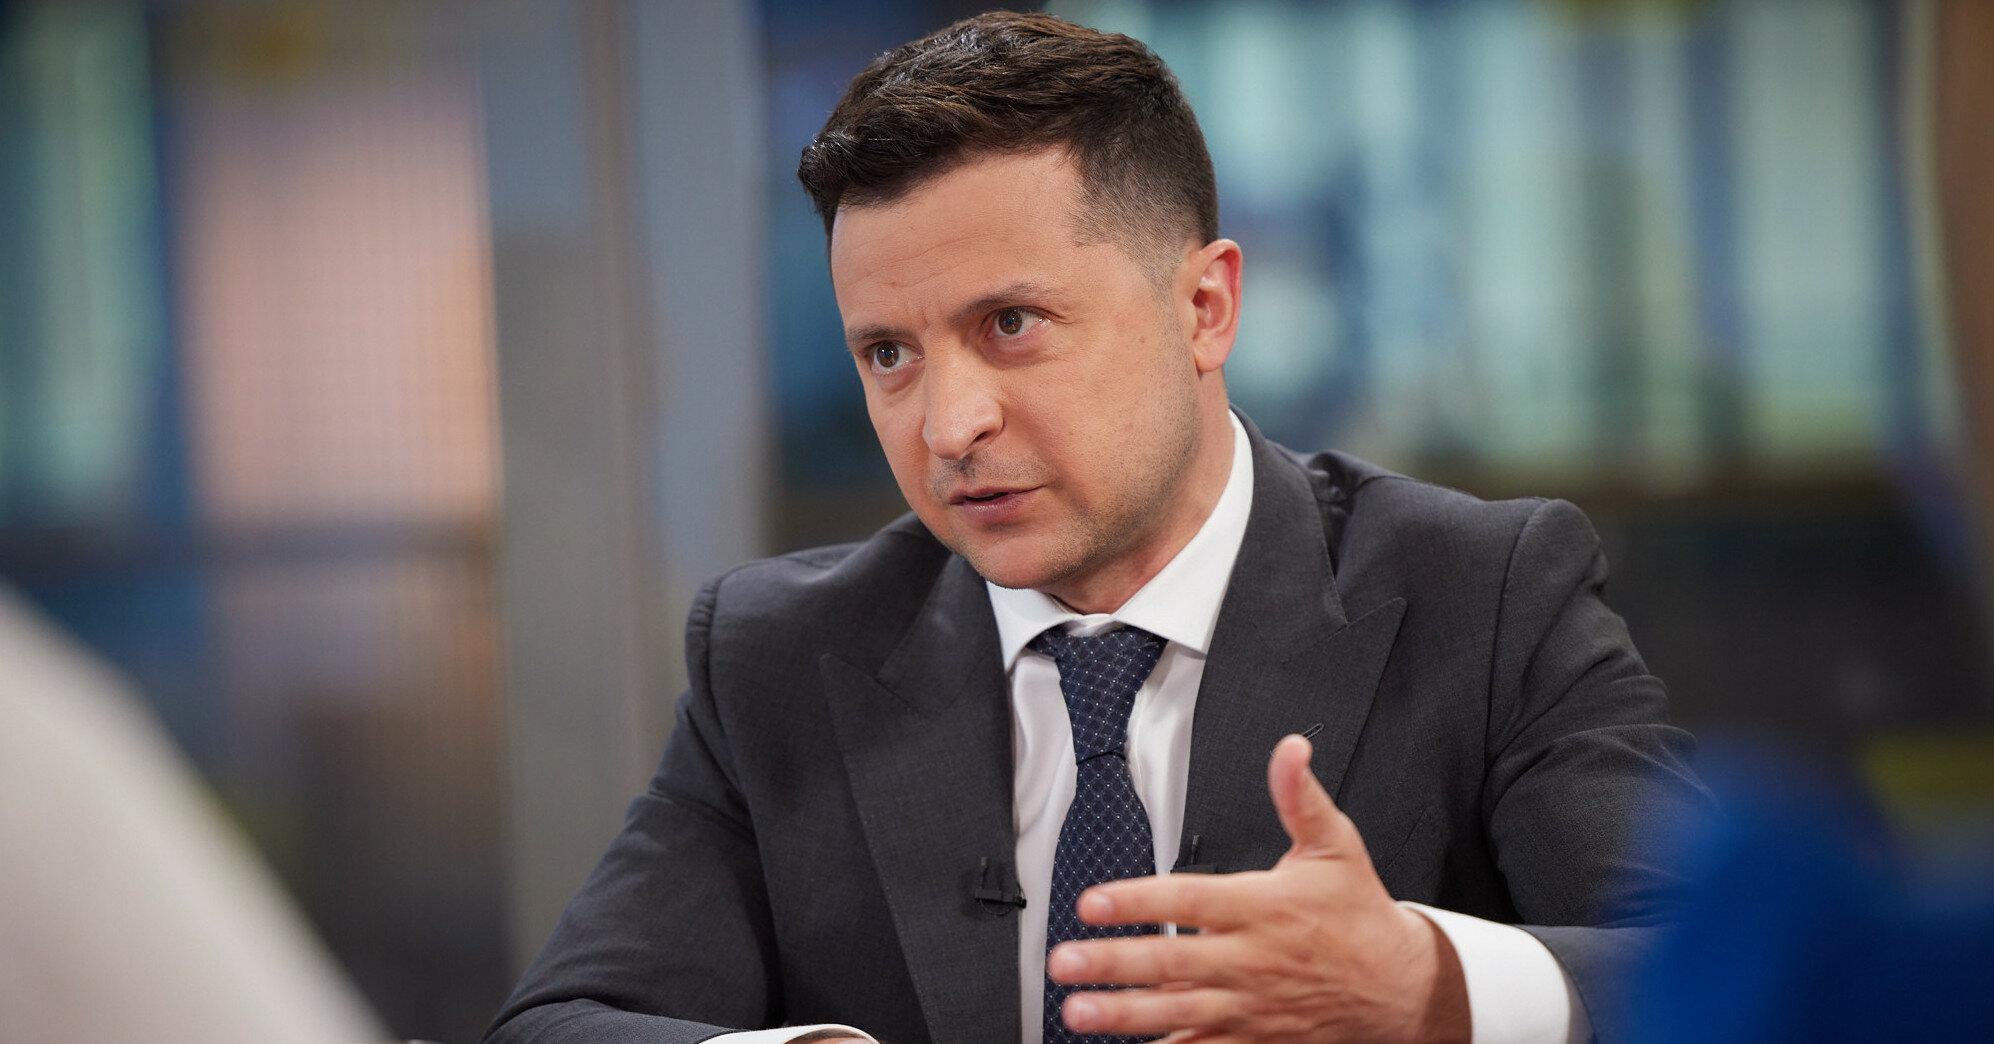 Опубликован законопроект Зеленского об олигархах: основные положения